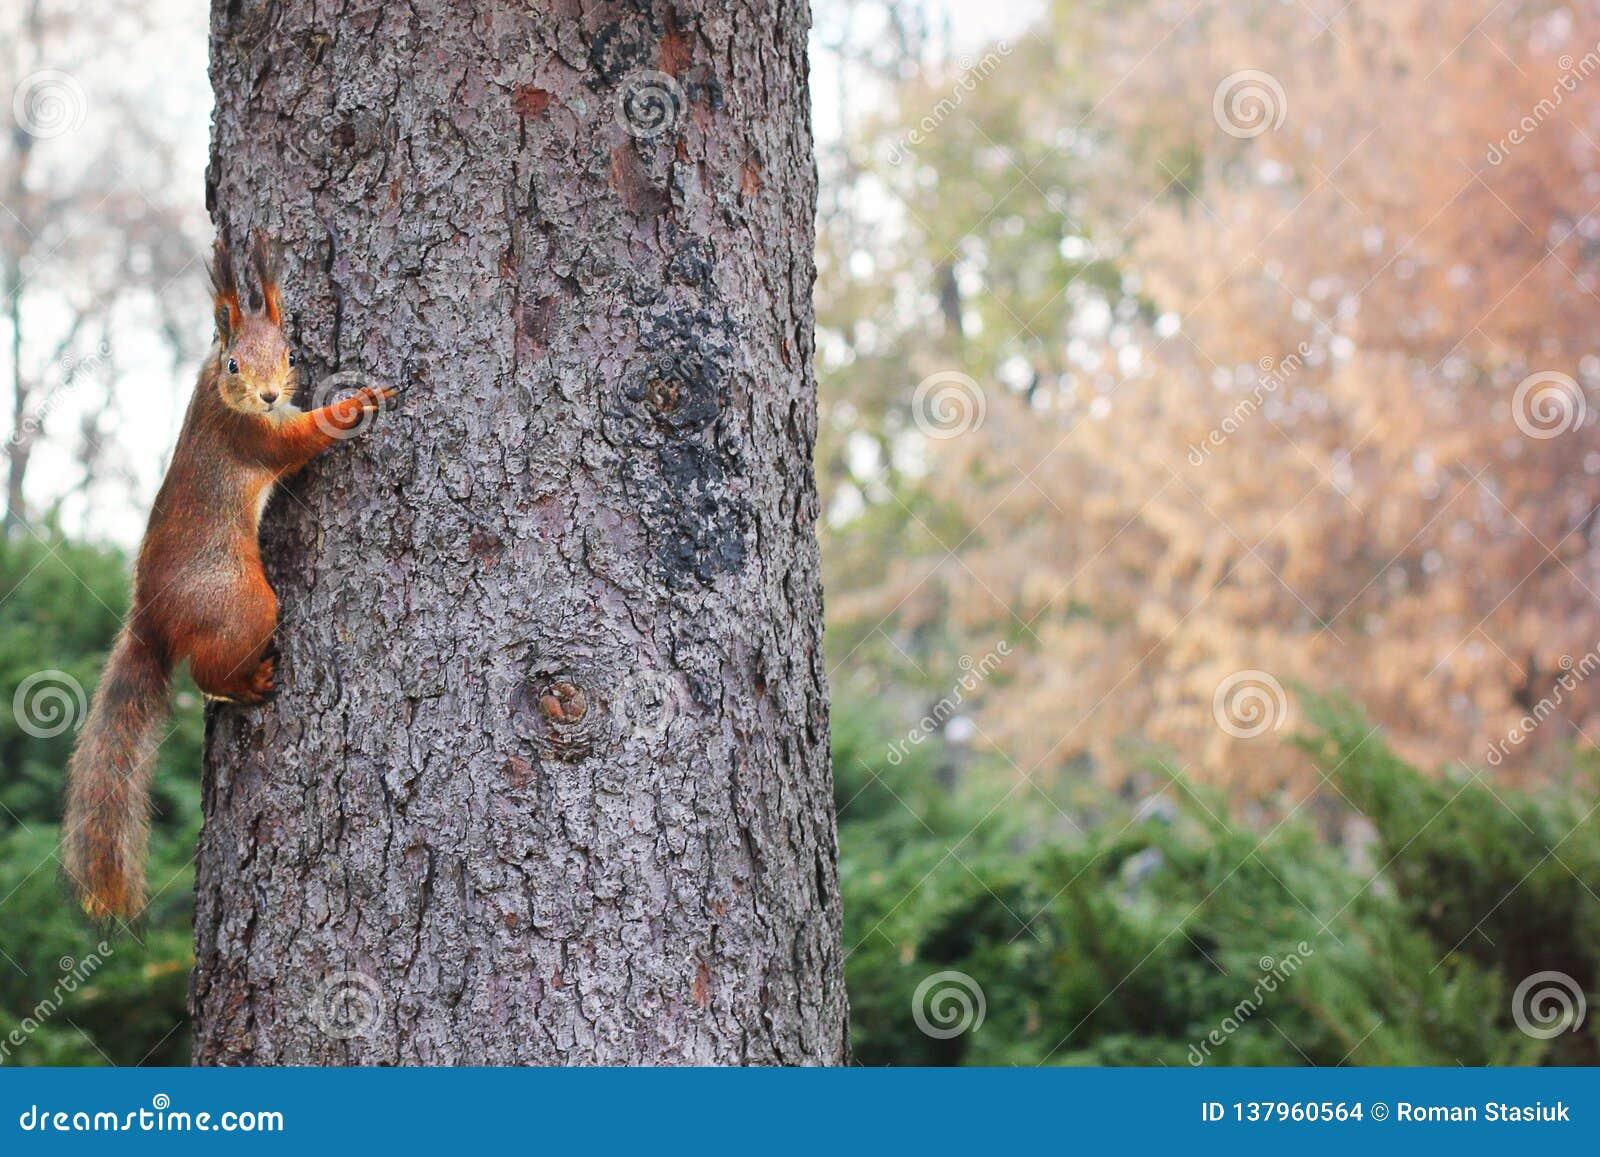 Nieuwsgierige Eekhoorn Rode Eekhoorn Eekhoorn De herfst De winter Forest Beautiful-eekhoorn